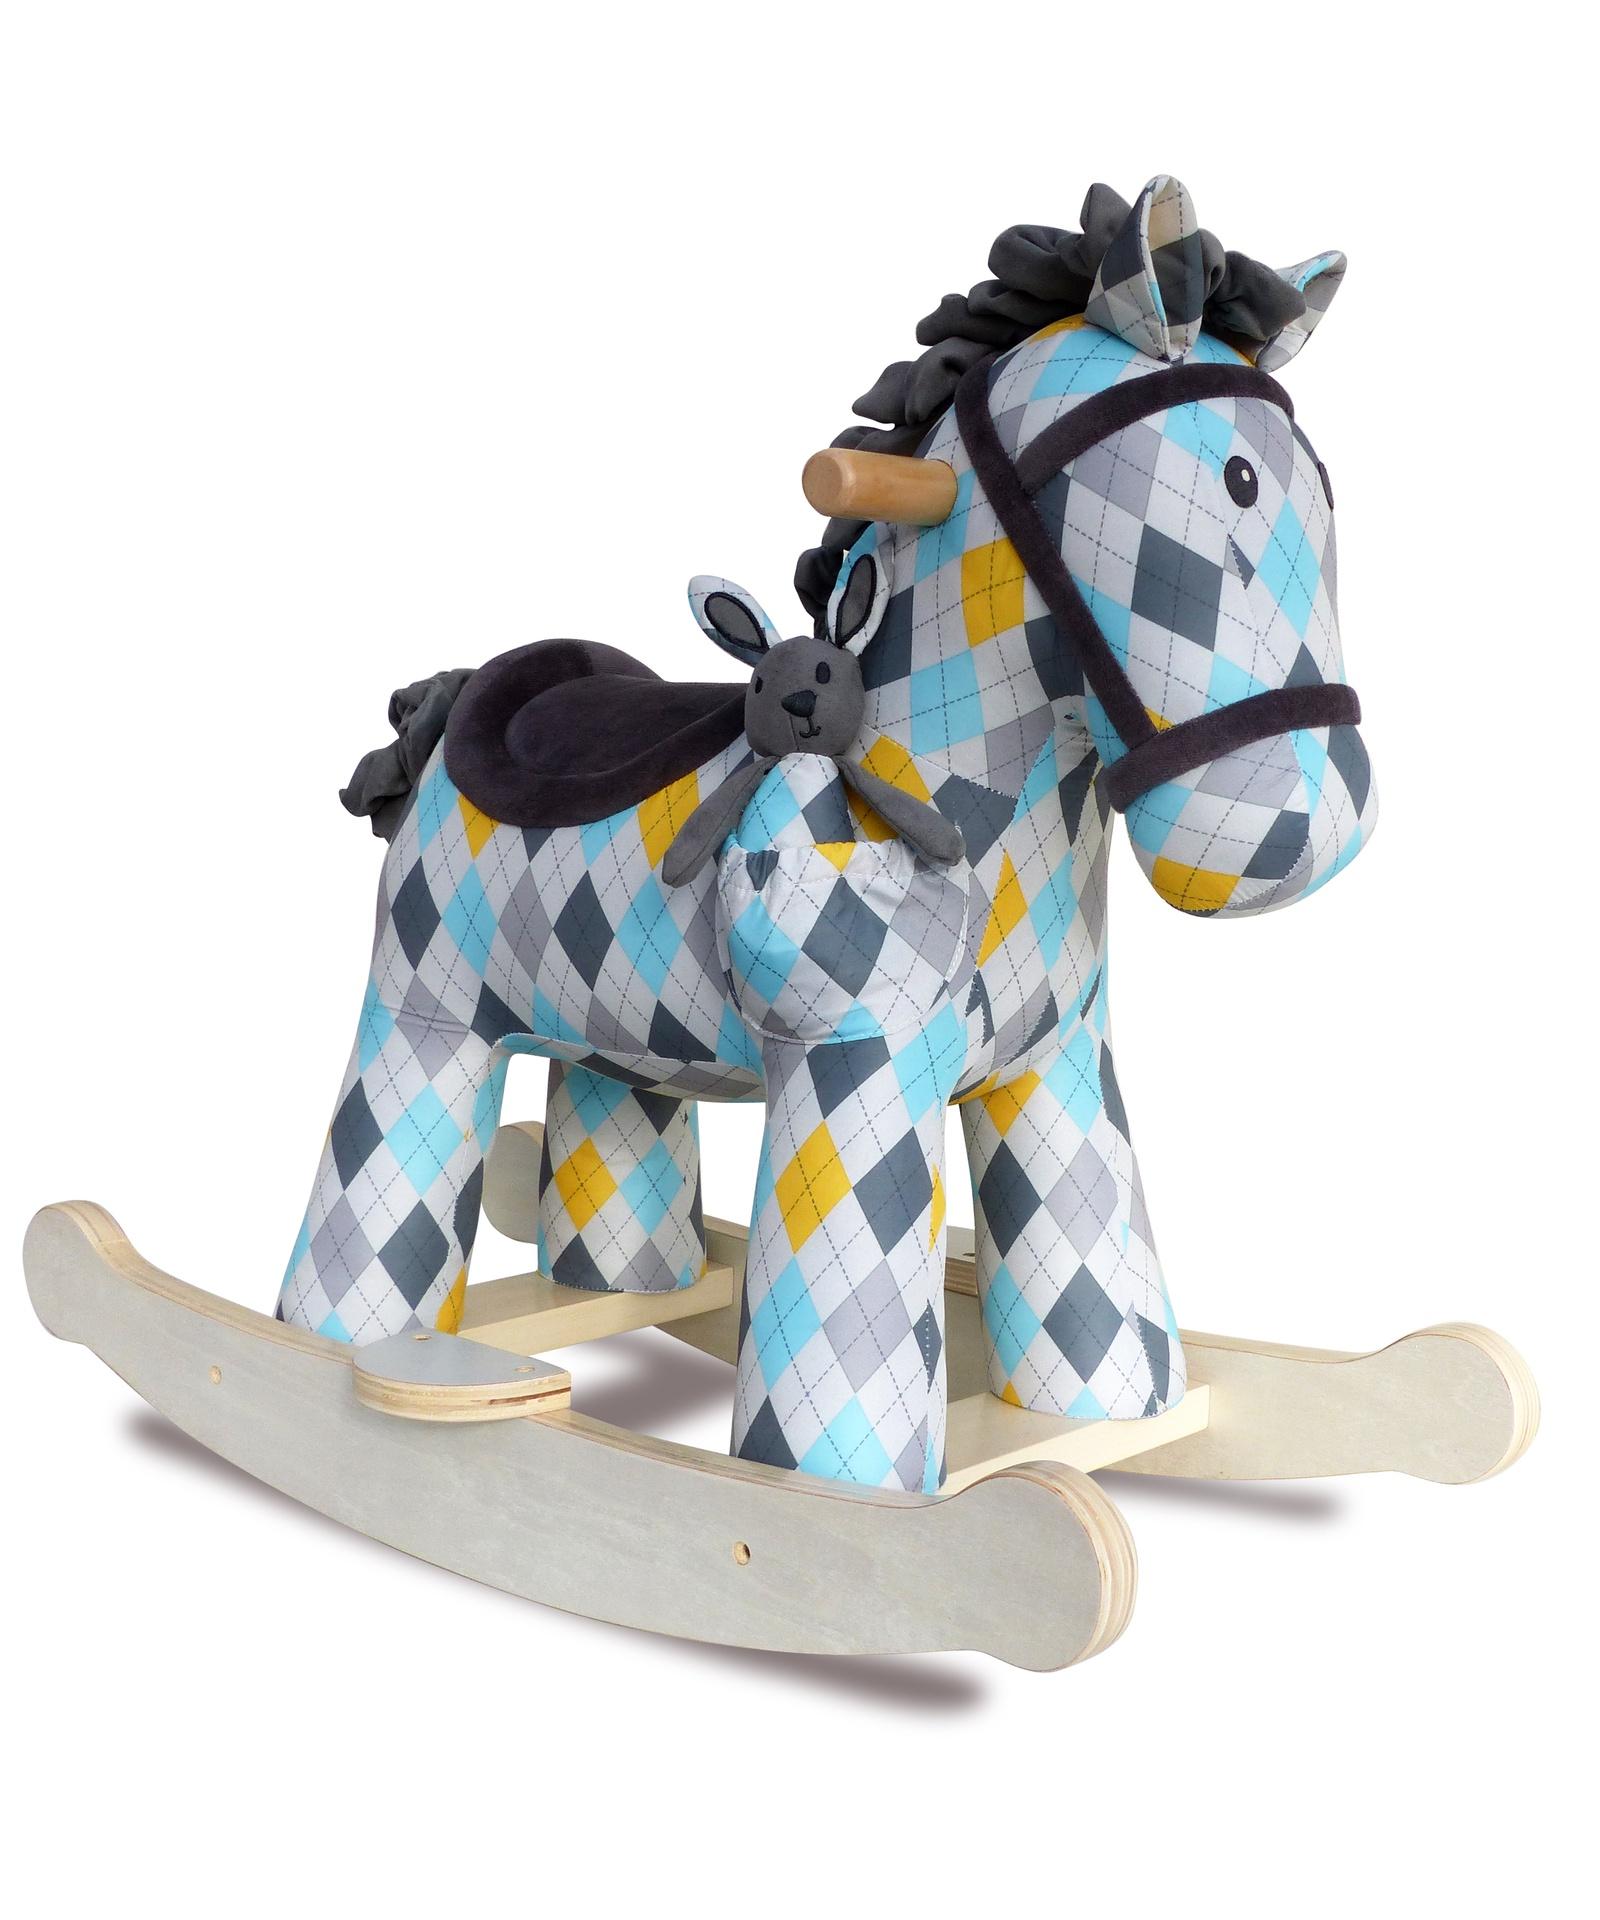 Качалка Little Bird Told Me лошадка детская LB3057 синий, желтый, белый